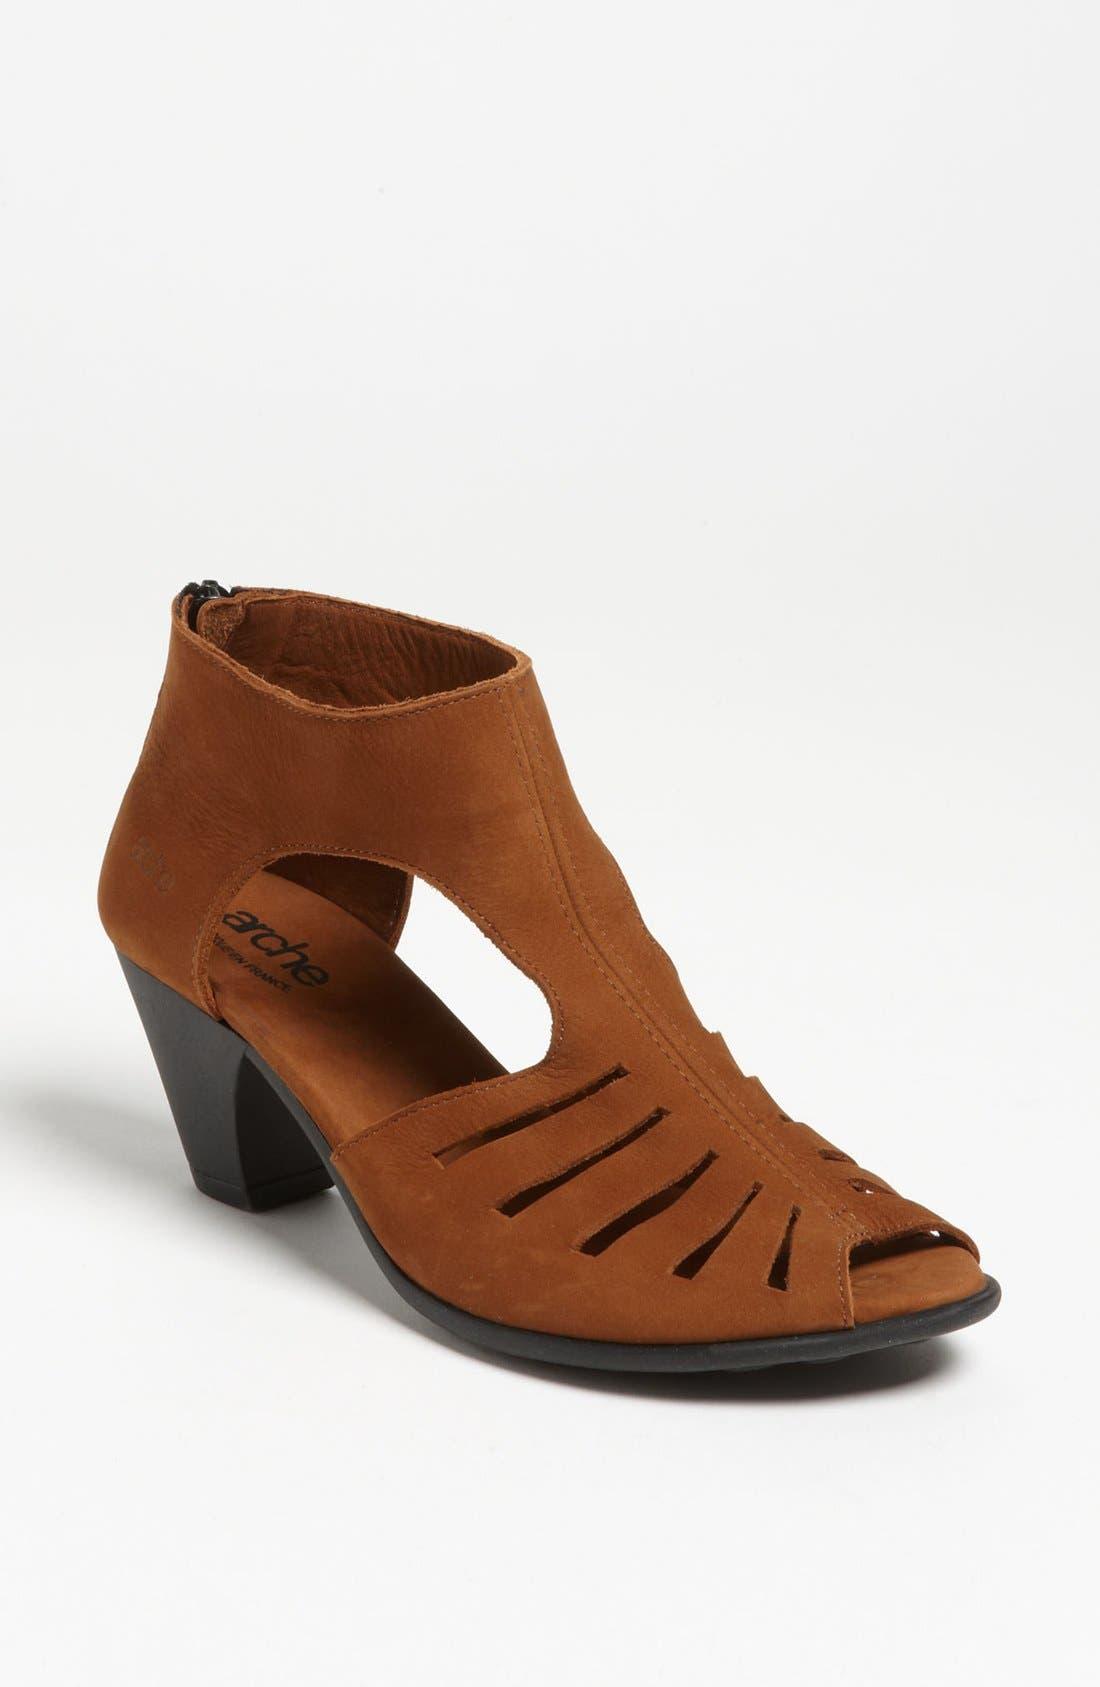 Main Image - Arche 'Miko' Sandal